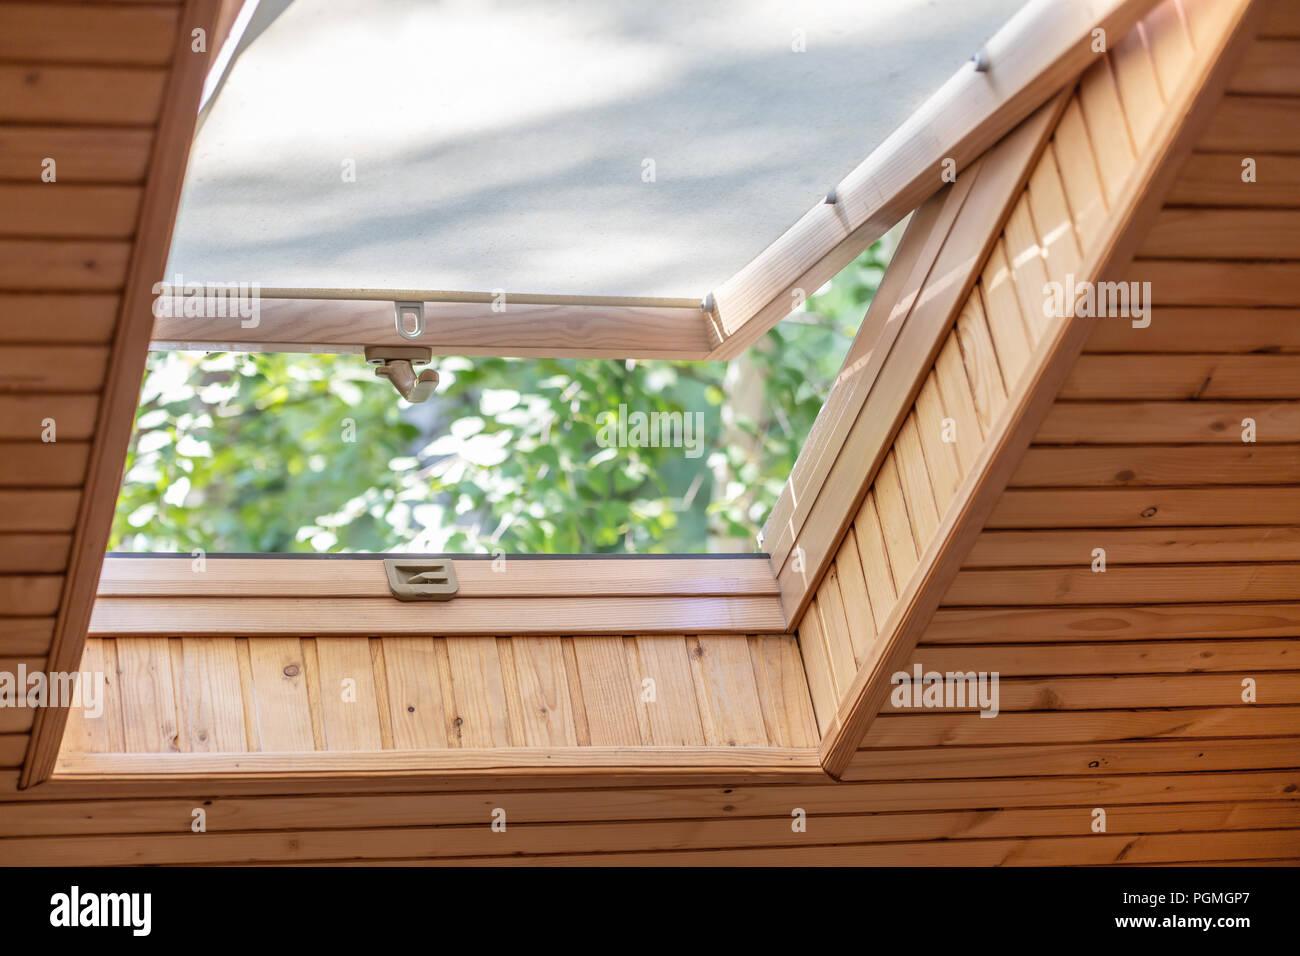 Geoffnet Dach Fenster Mit Jalousien Oder Gardinen In Holz Haus Im